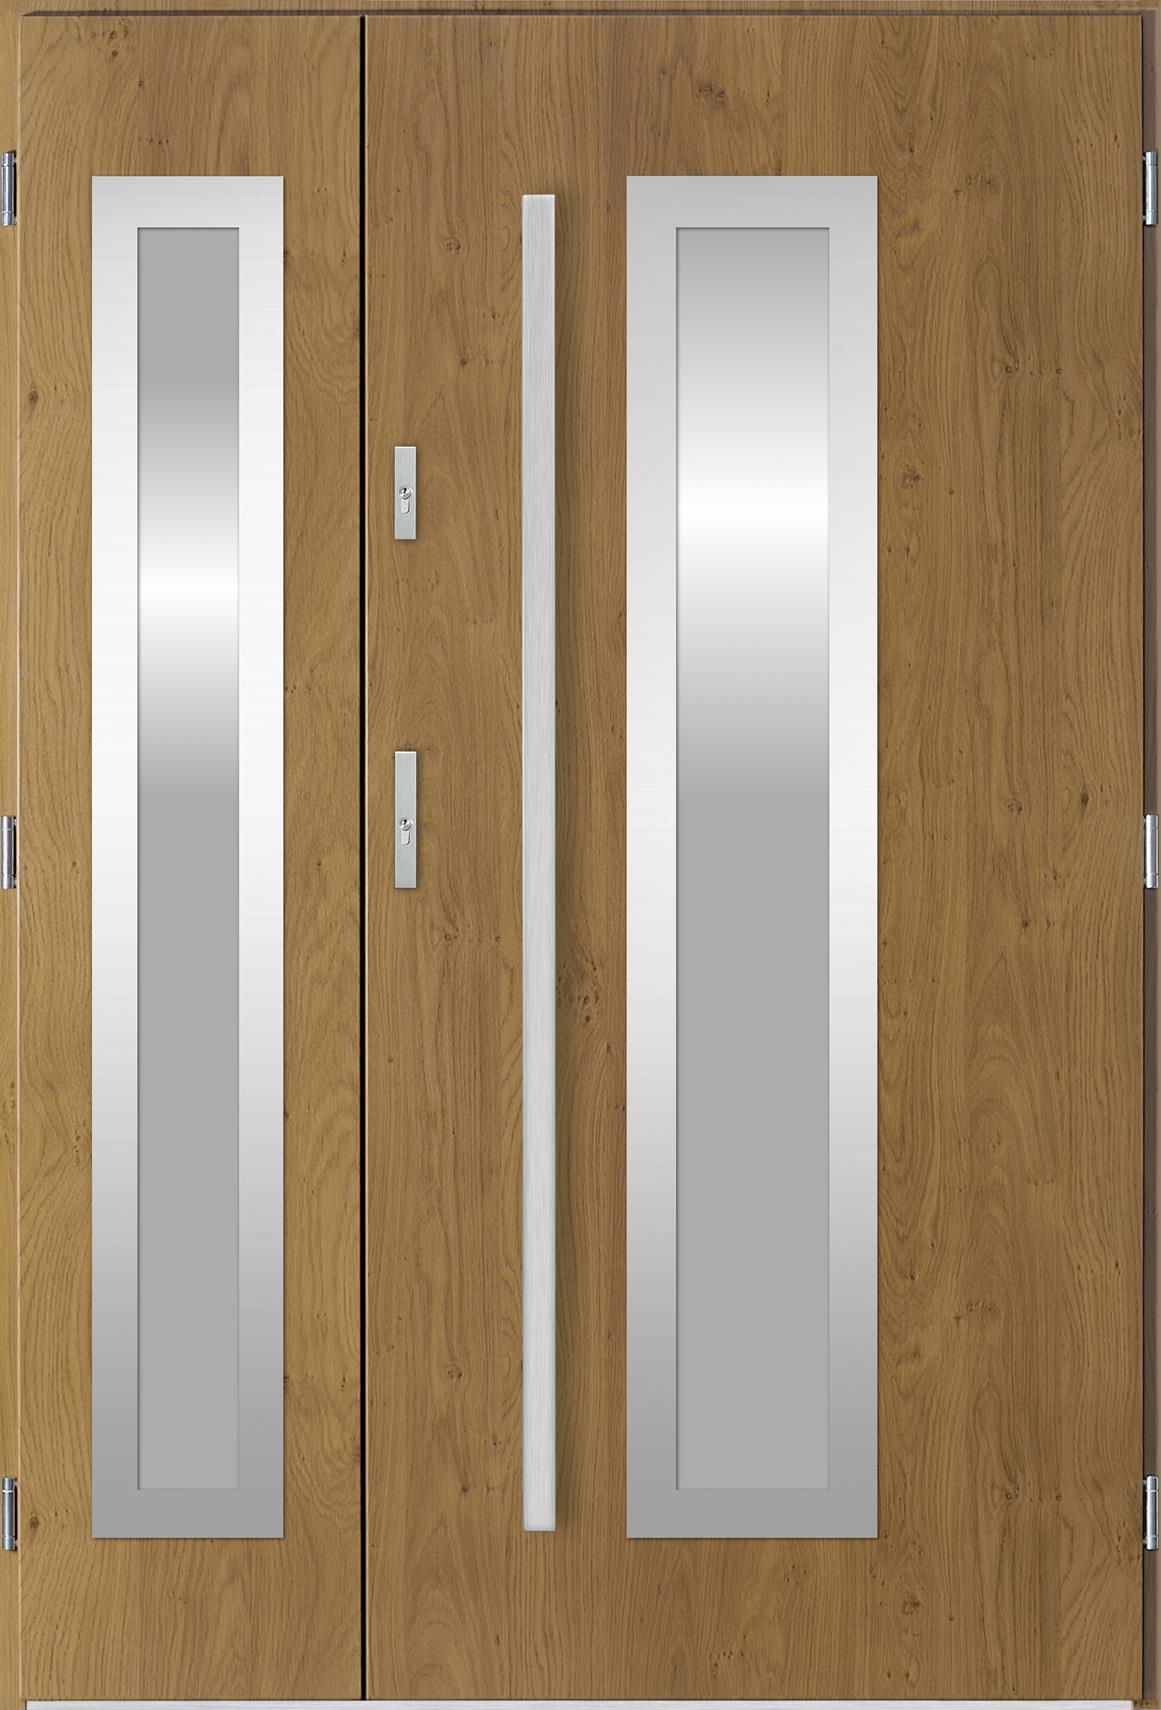 Dvoukøídlé ocelové vchodové dveøe Hevelio, winchester